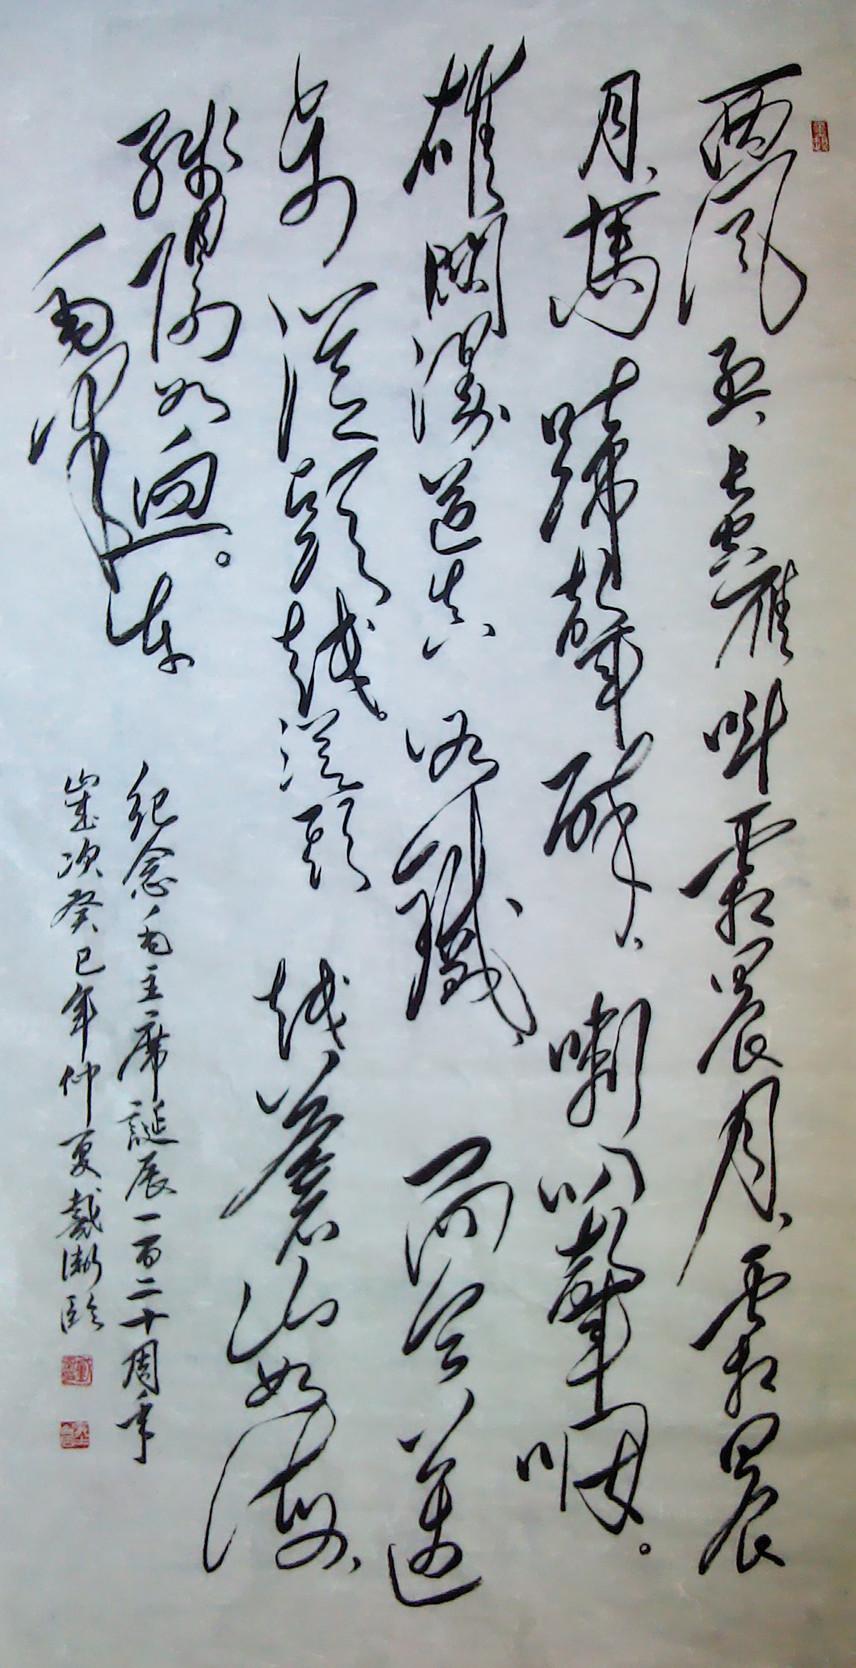 安庆戴卫临毛主席诗词:忆秦娥《娄山关》